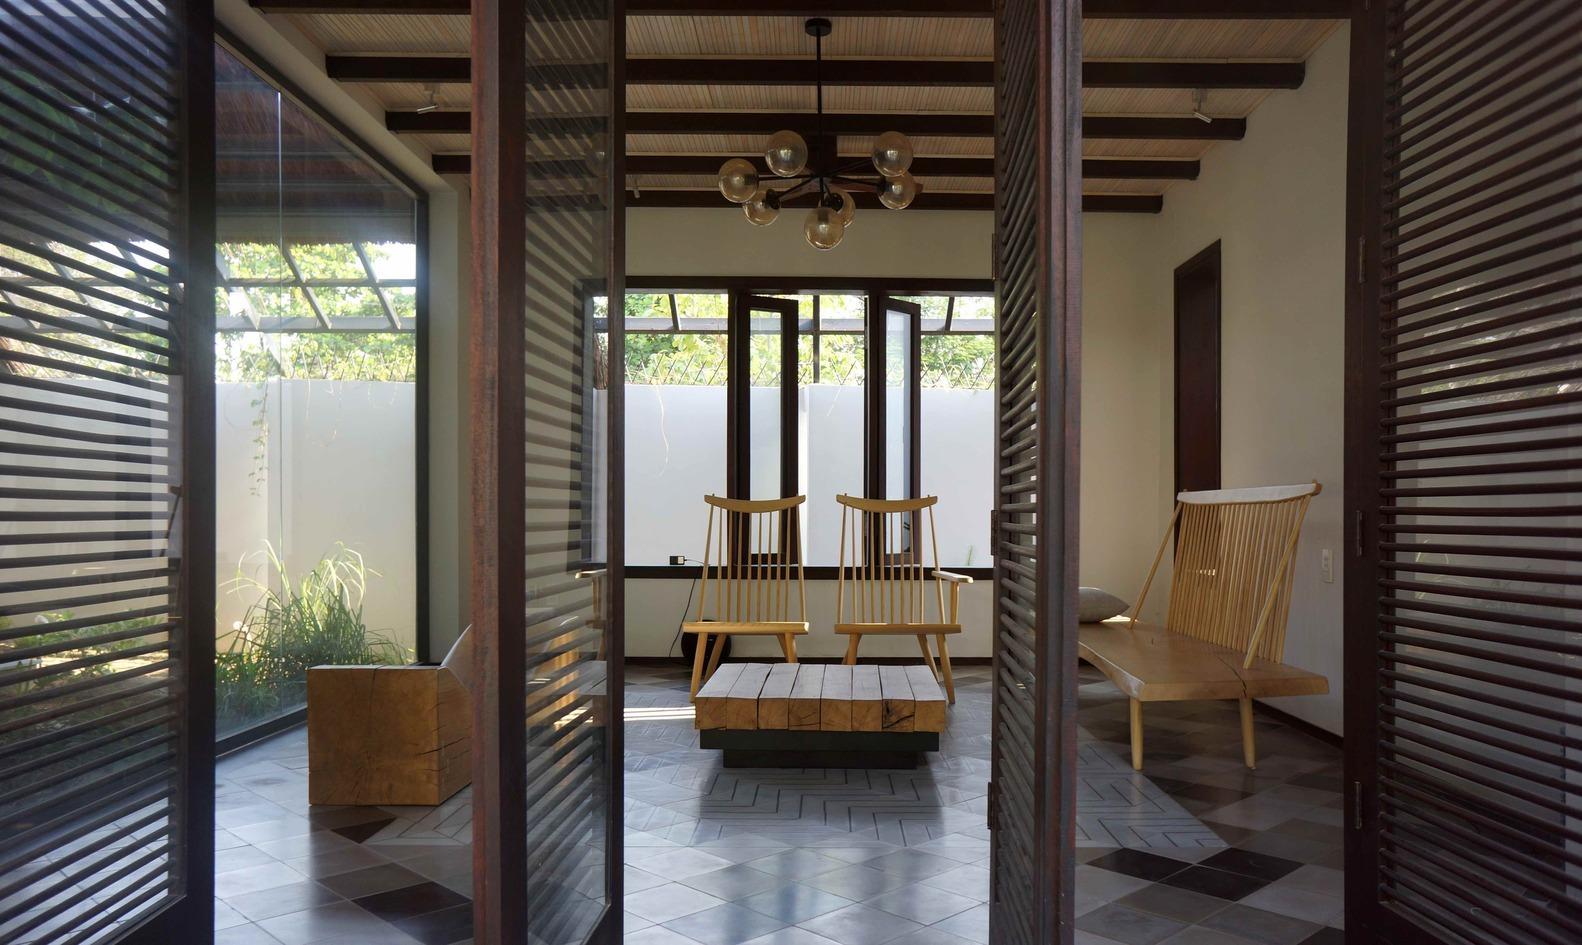 Công trình với những hình ảnh vừa quen vừa lạ, vừa dân gian, vừa hiện đại. Ngôi nhà như một gợi ý cho việc kế thừa những giá trị kiến trúc cốt lõi từ nông thôn